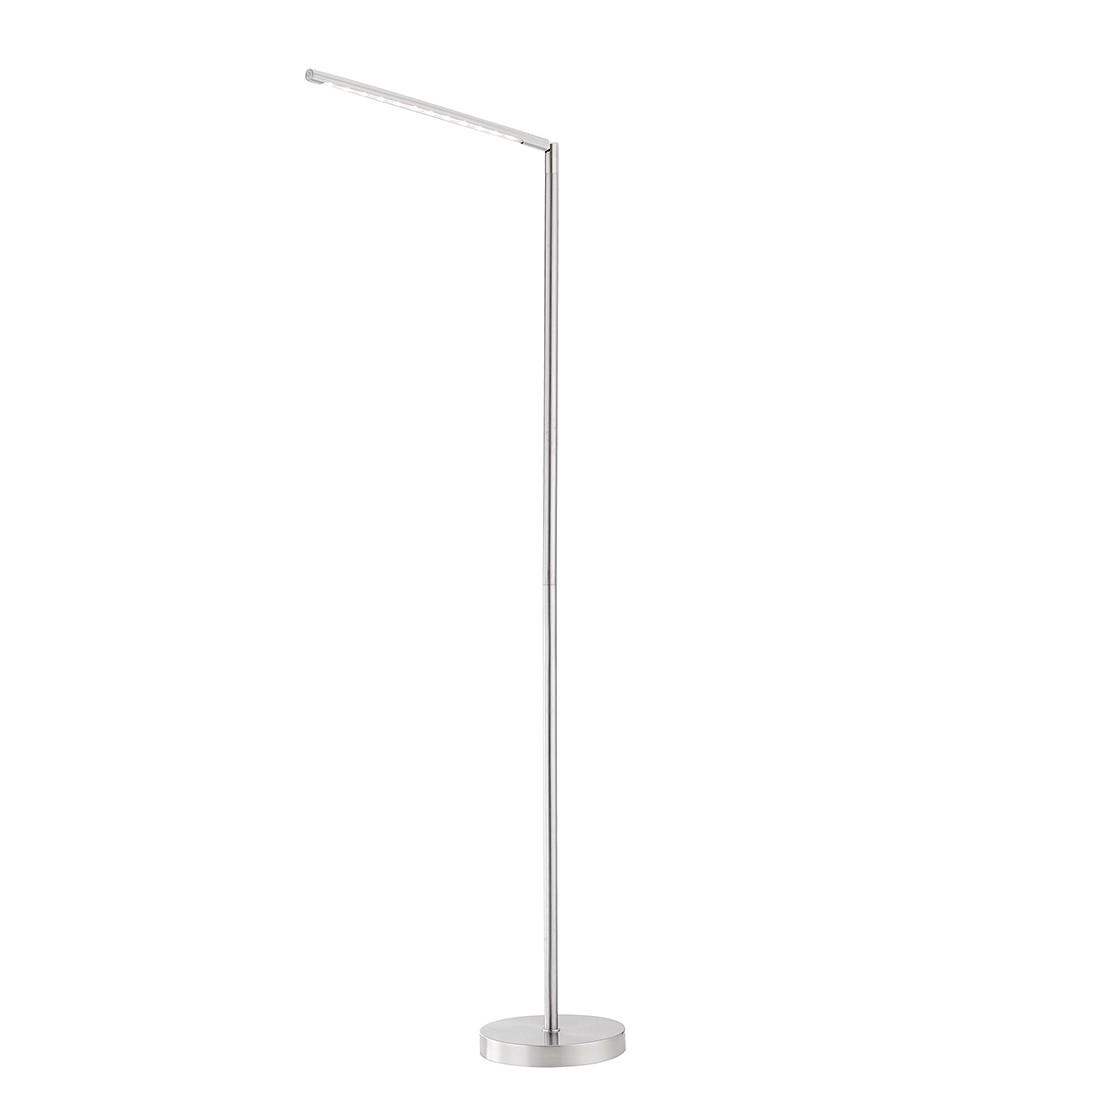 LED-Stehleuchte Dawda by Leuchten Direkt ● Eisen/Stahl ● Silber- Leuchten Direkt A+